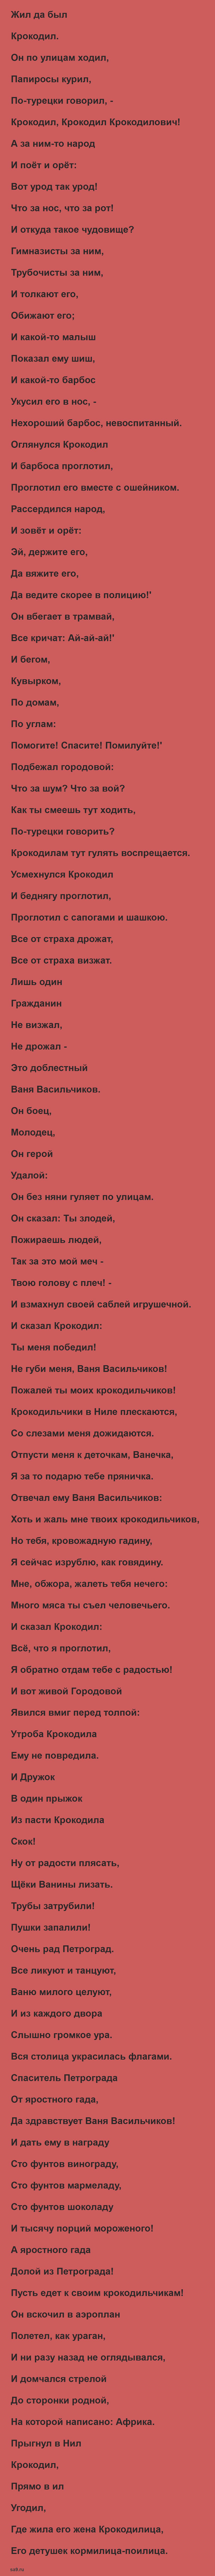 Сказка Чуковского для детей 'Крокодил'